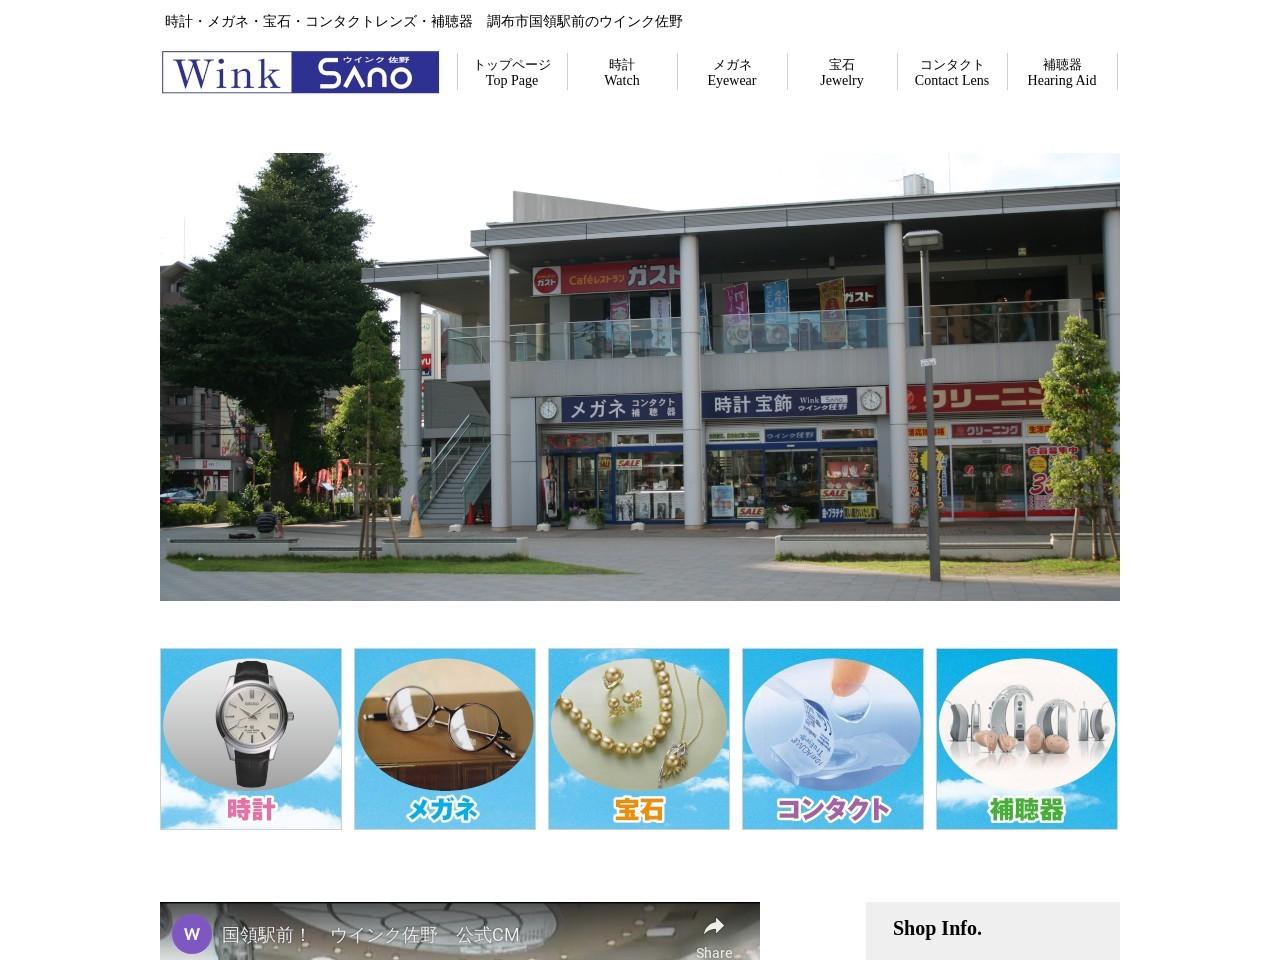 ウインク佐野(コンタクトレンズ、メガネ、補聴器、時計、時計修理、宝石)専門店